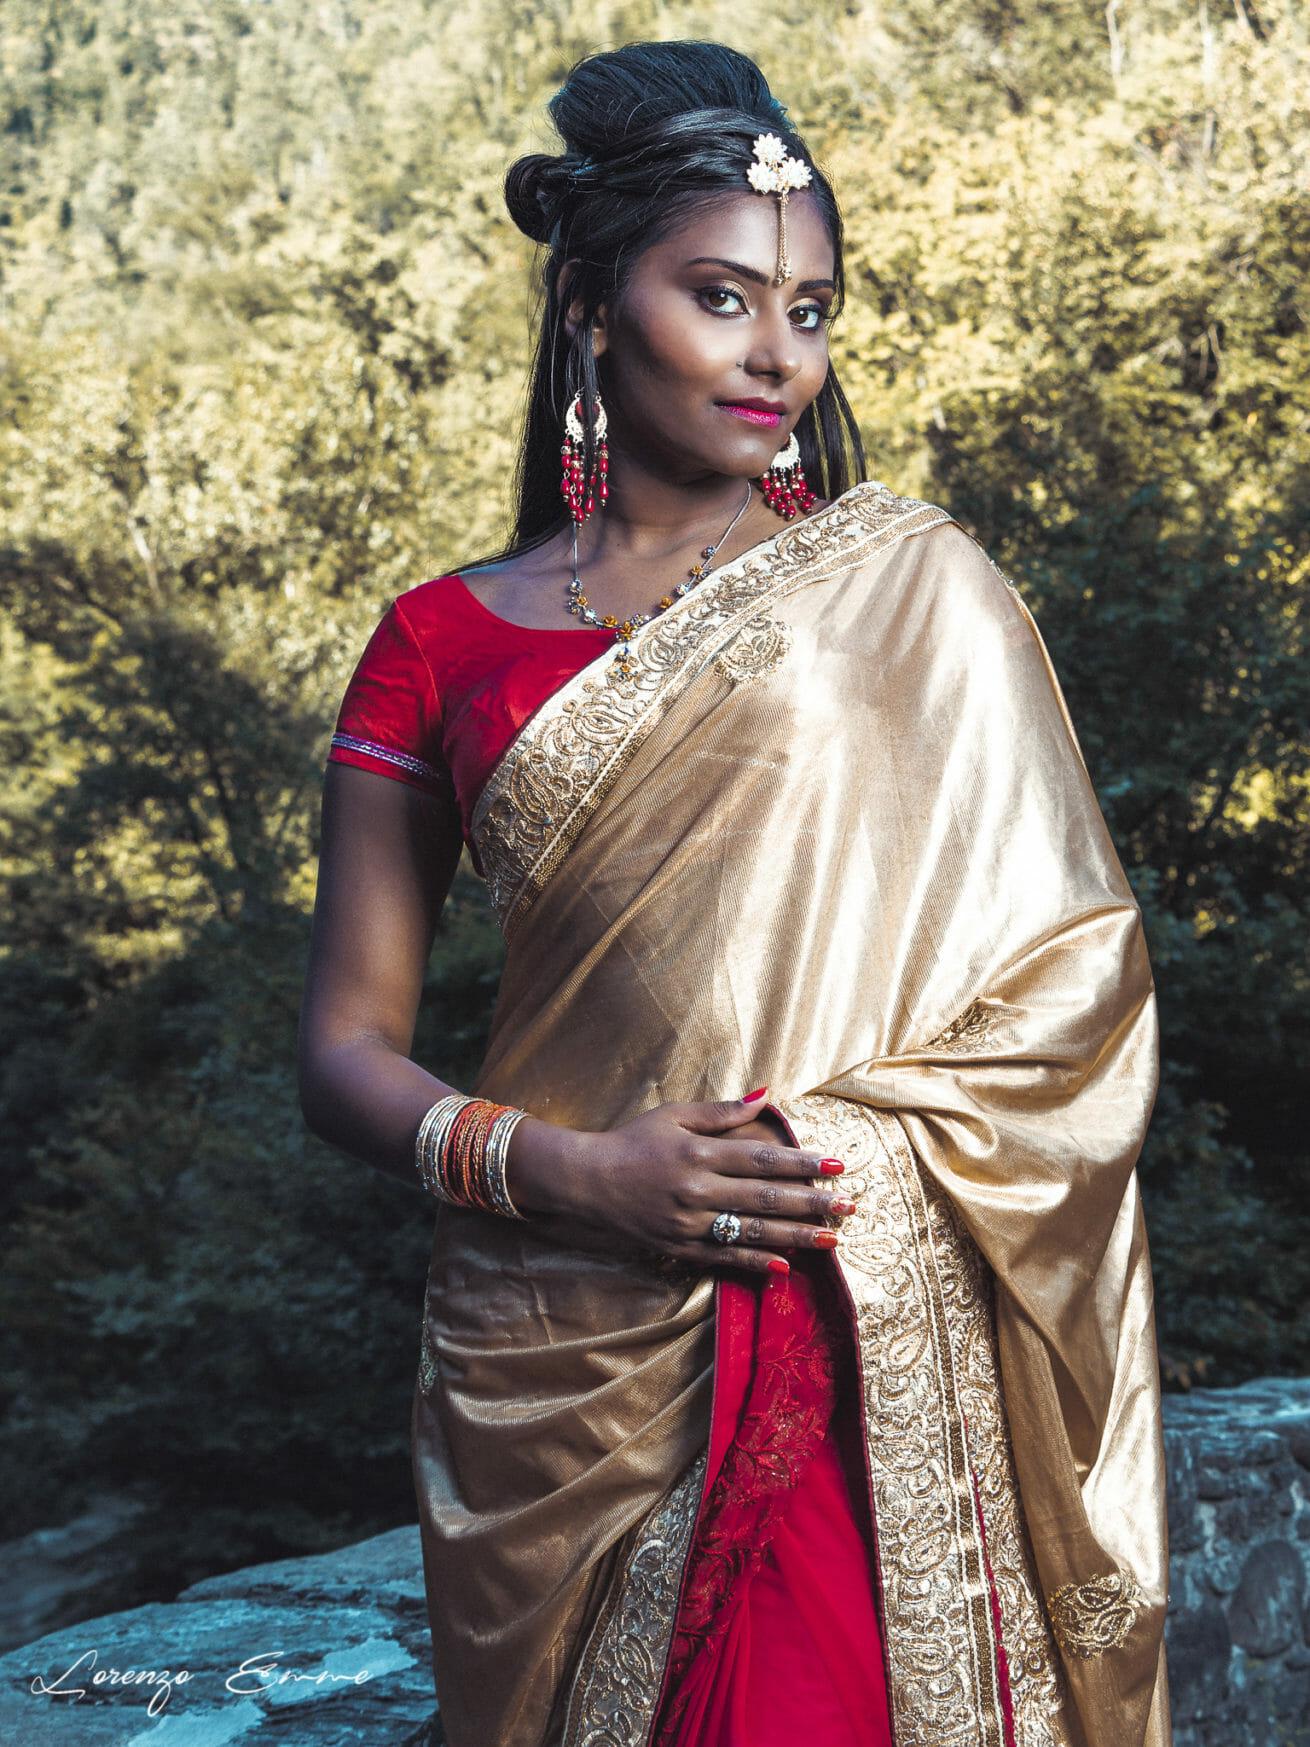 Estraneamente-progetto-ritratto-fotografico-dedicato-integrazione-conoscenza-reciproca-salvaguardia-tradizioni-Sri-Lanka-Lorenzo-Marzano-Emme